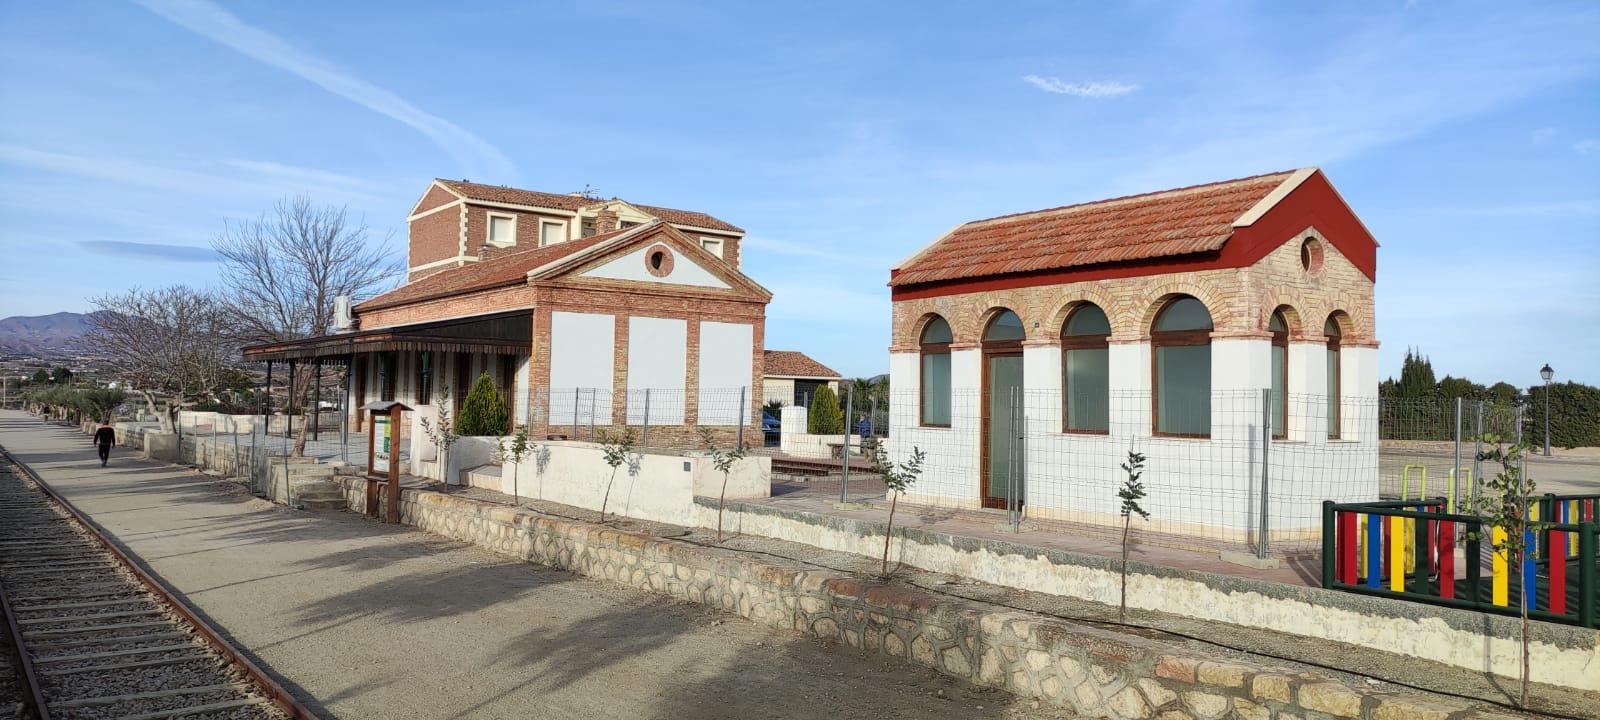 El Ayuntamiento de Huércal-Overa abre el plazo de presentación de ofertas para la concesión del restaurante-bar en la estación del ferrocarril